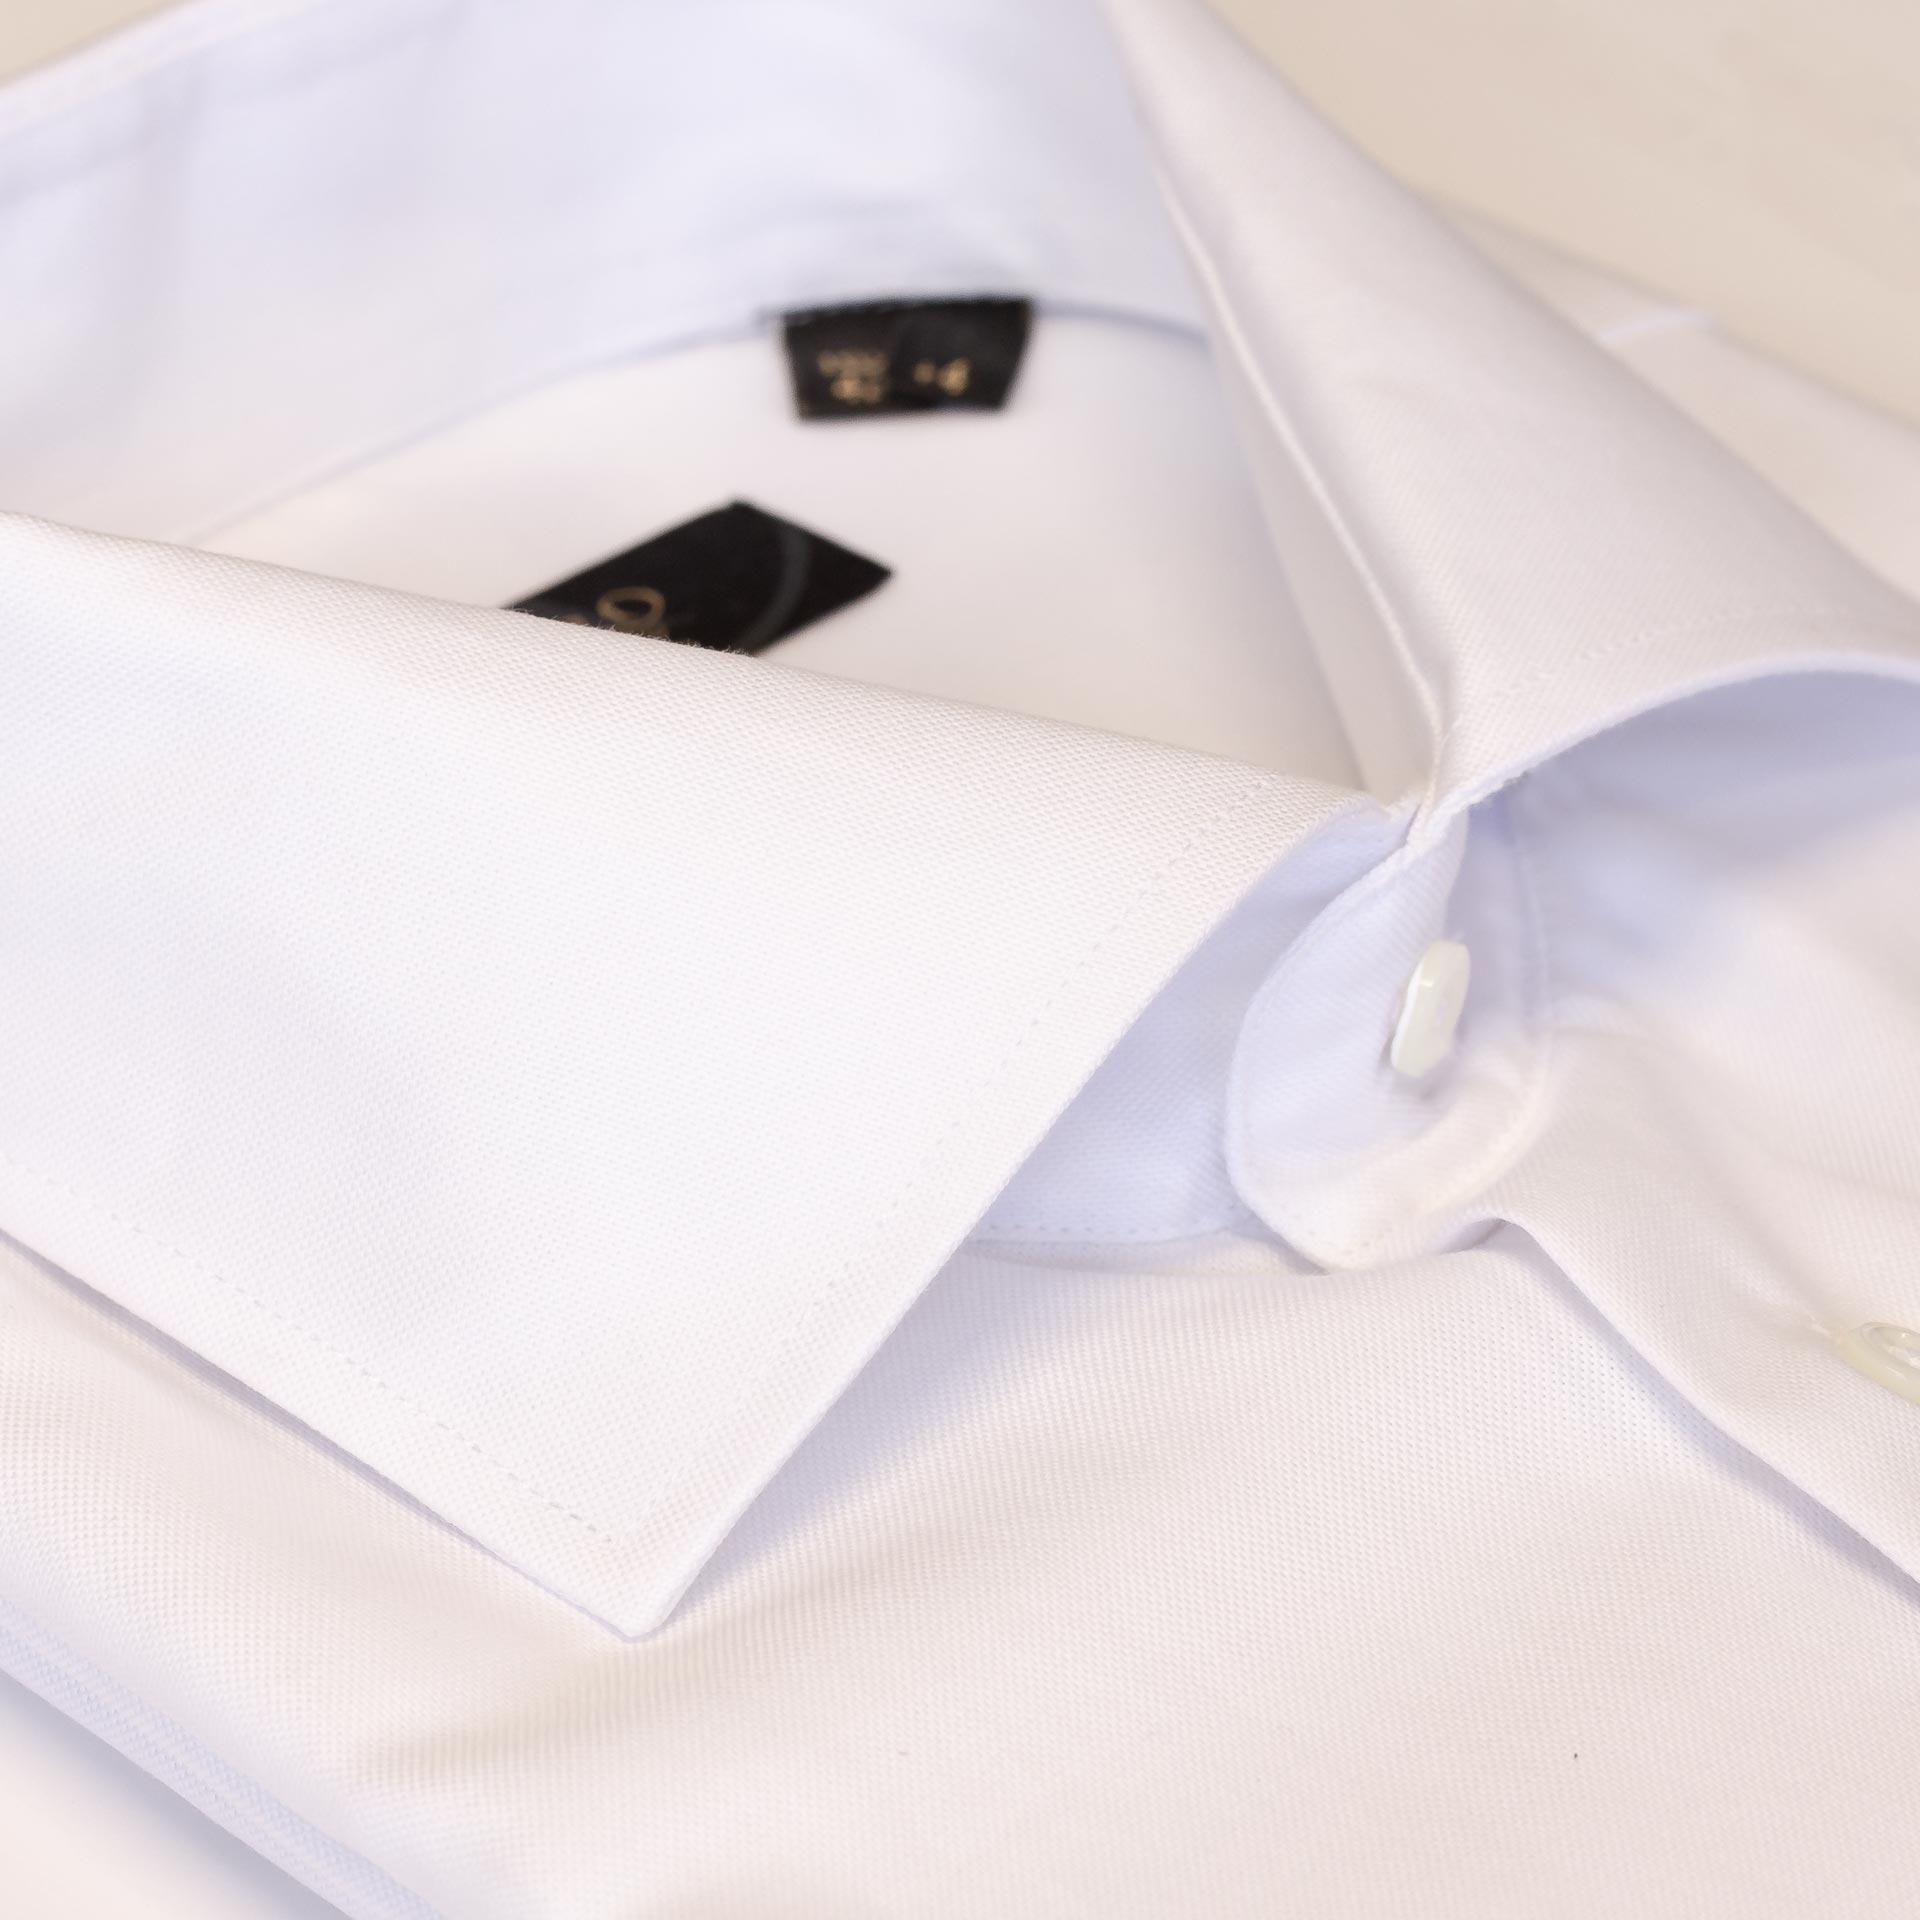 skjorte med hull til mansjettknapper